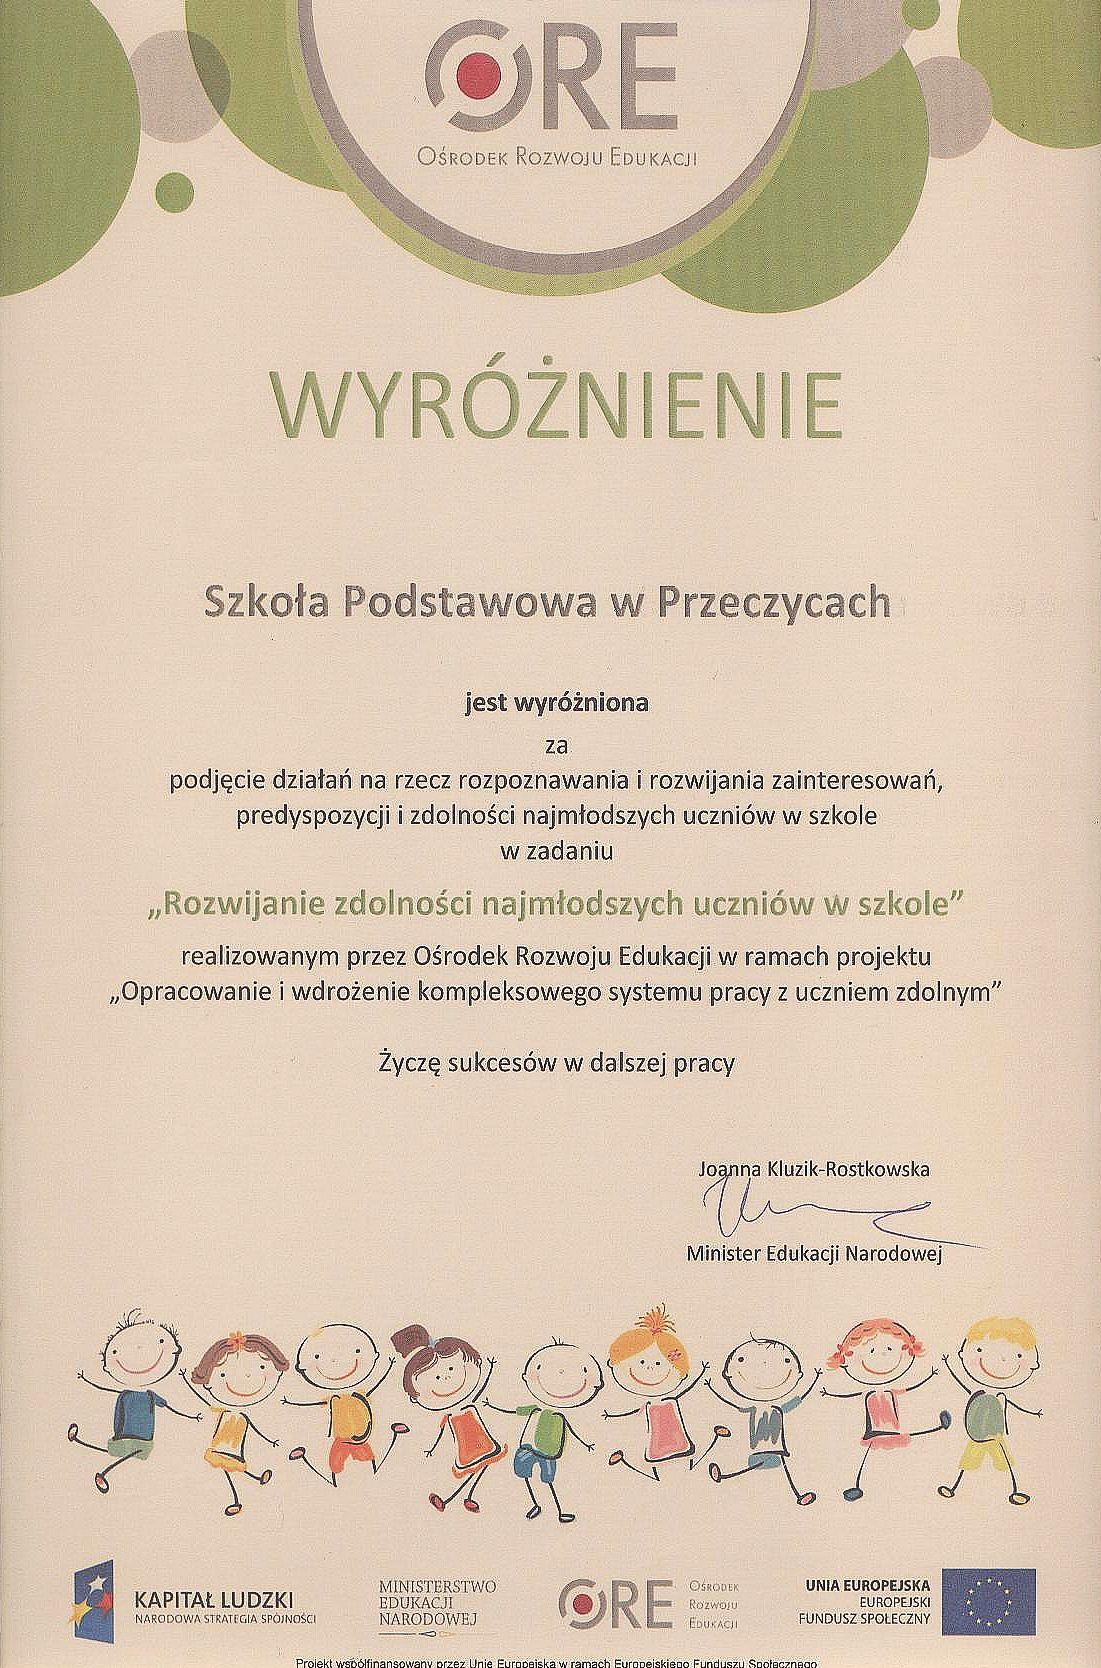 http://spprzeczyce.szkolnastrona.pl/index.php?p=new&idg=mg,28,135&id=239&action=show